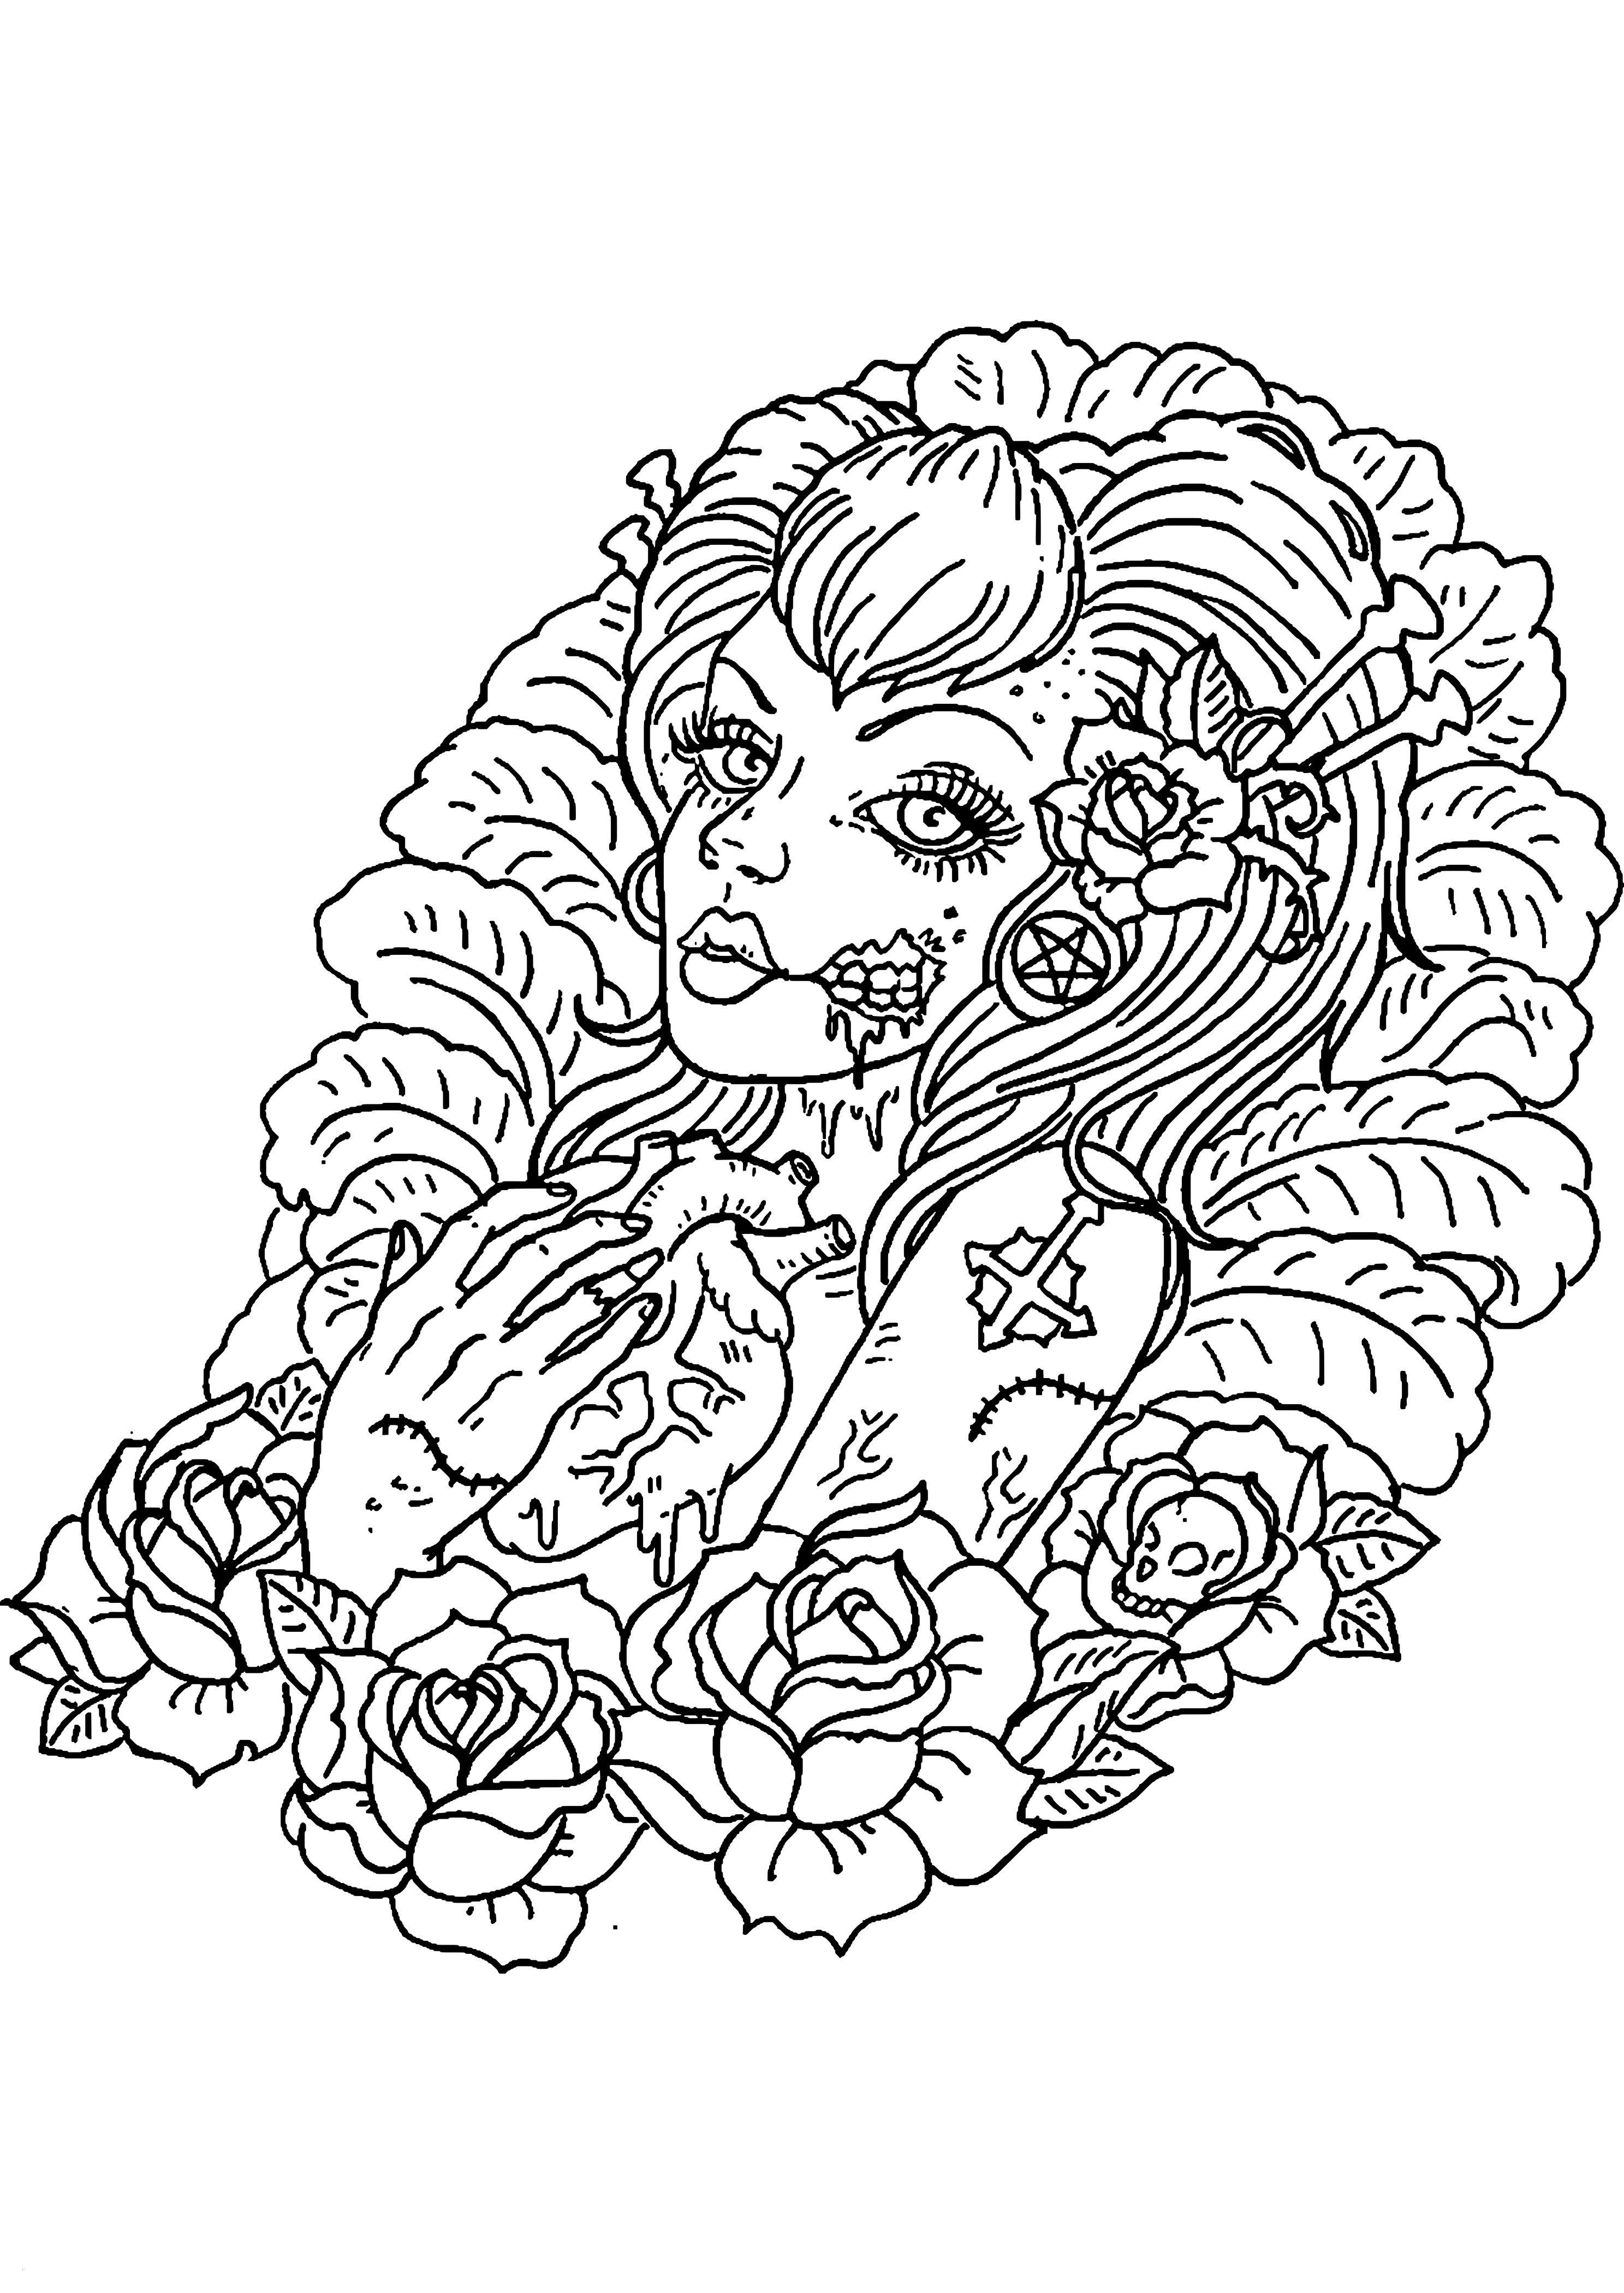 Einhorn Mandala Erwachsene Frisch 37 Ausmalbilder Für Kinder